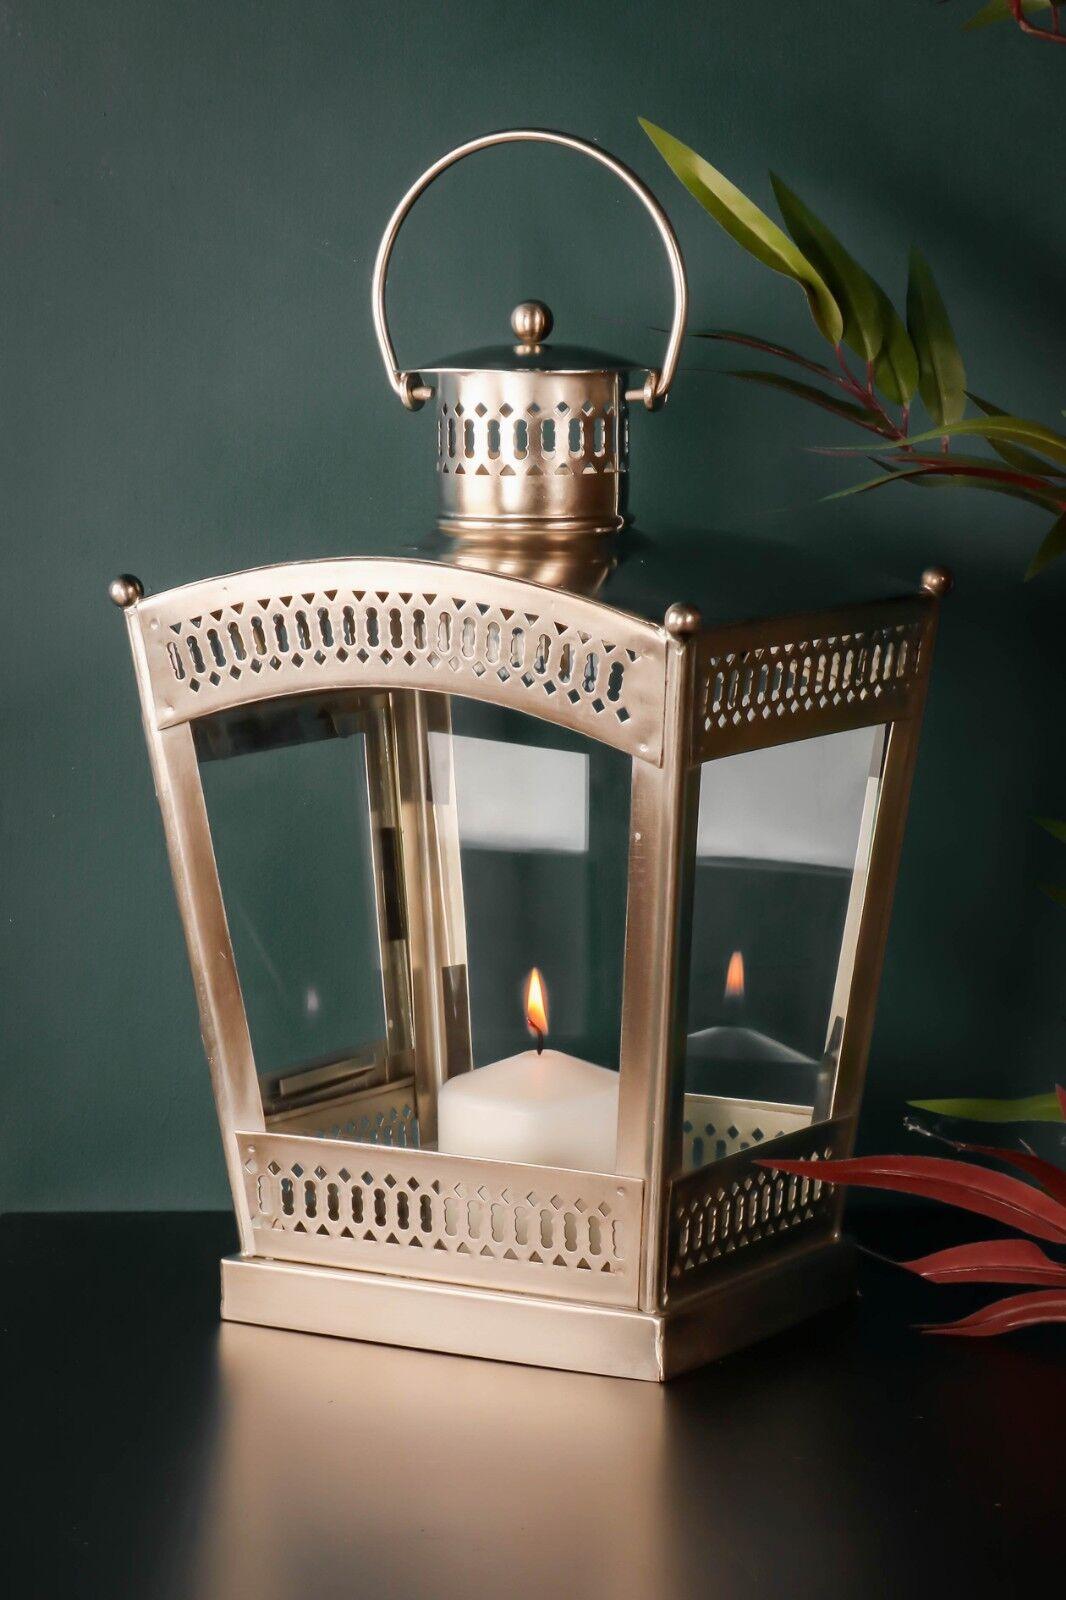 Linterna marroquí Grande sostenedor de vela interior de vidrio de Metal Aluminio Cepillado